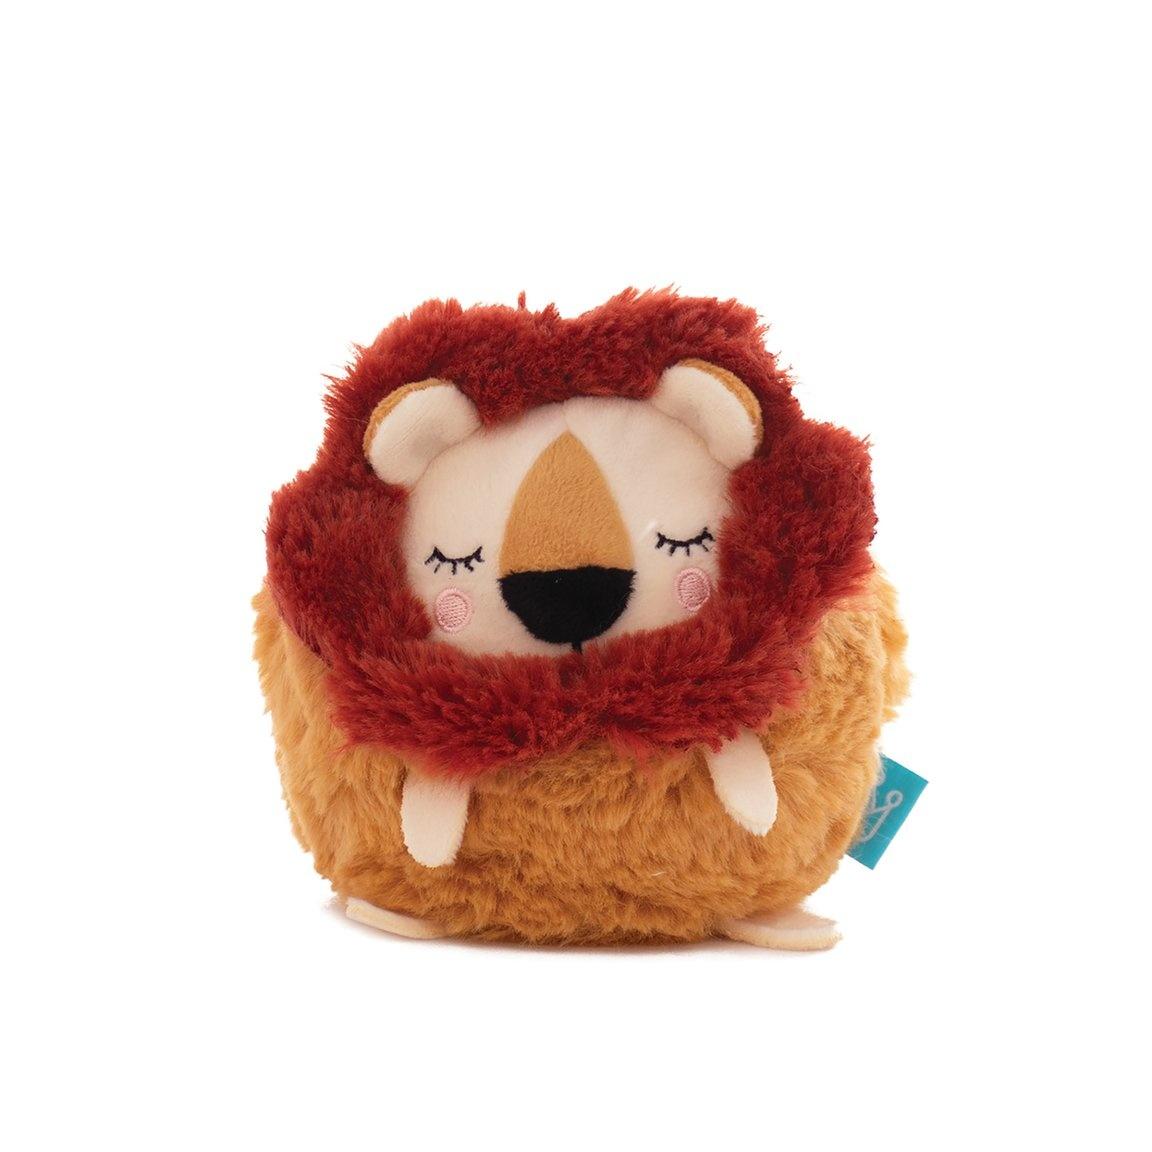 Manhattan Toys Squeezmeez Soft Squishy Toy